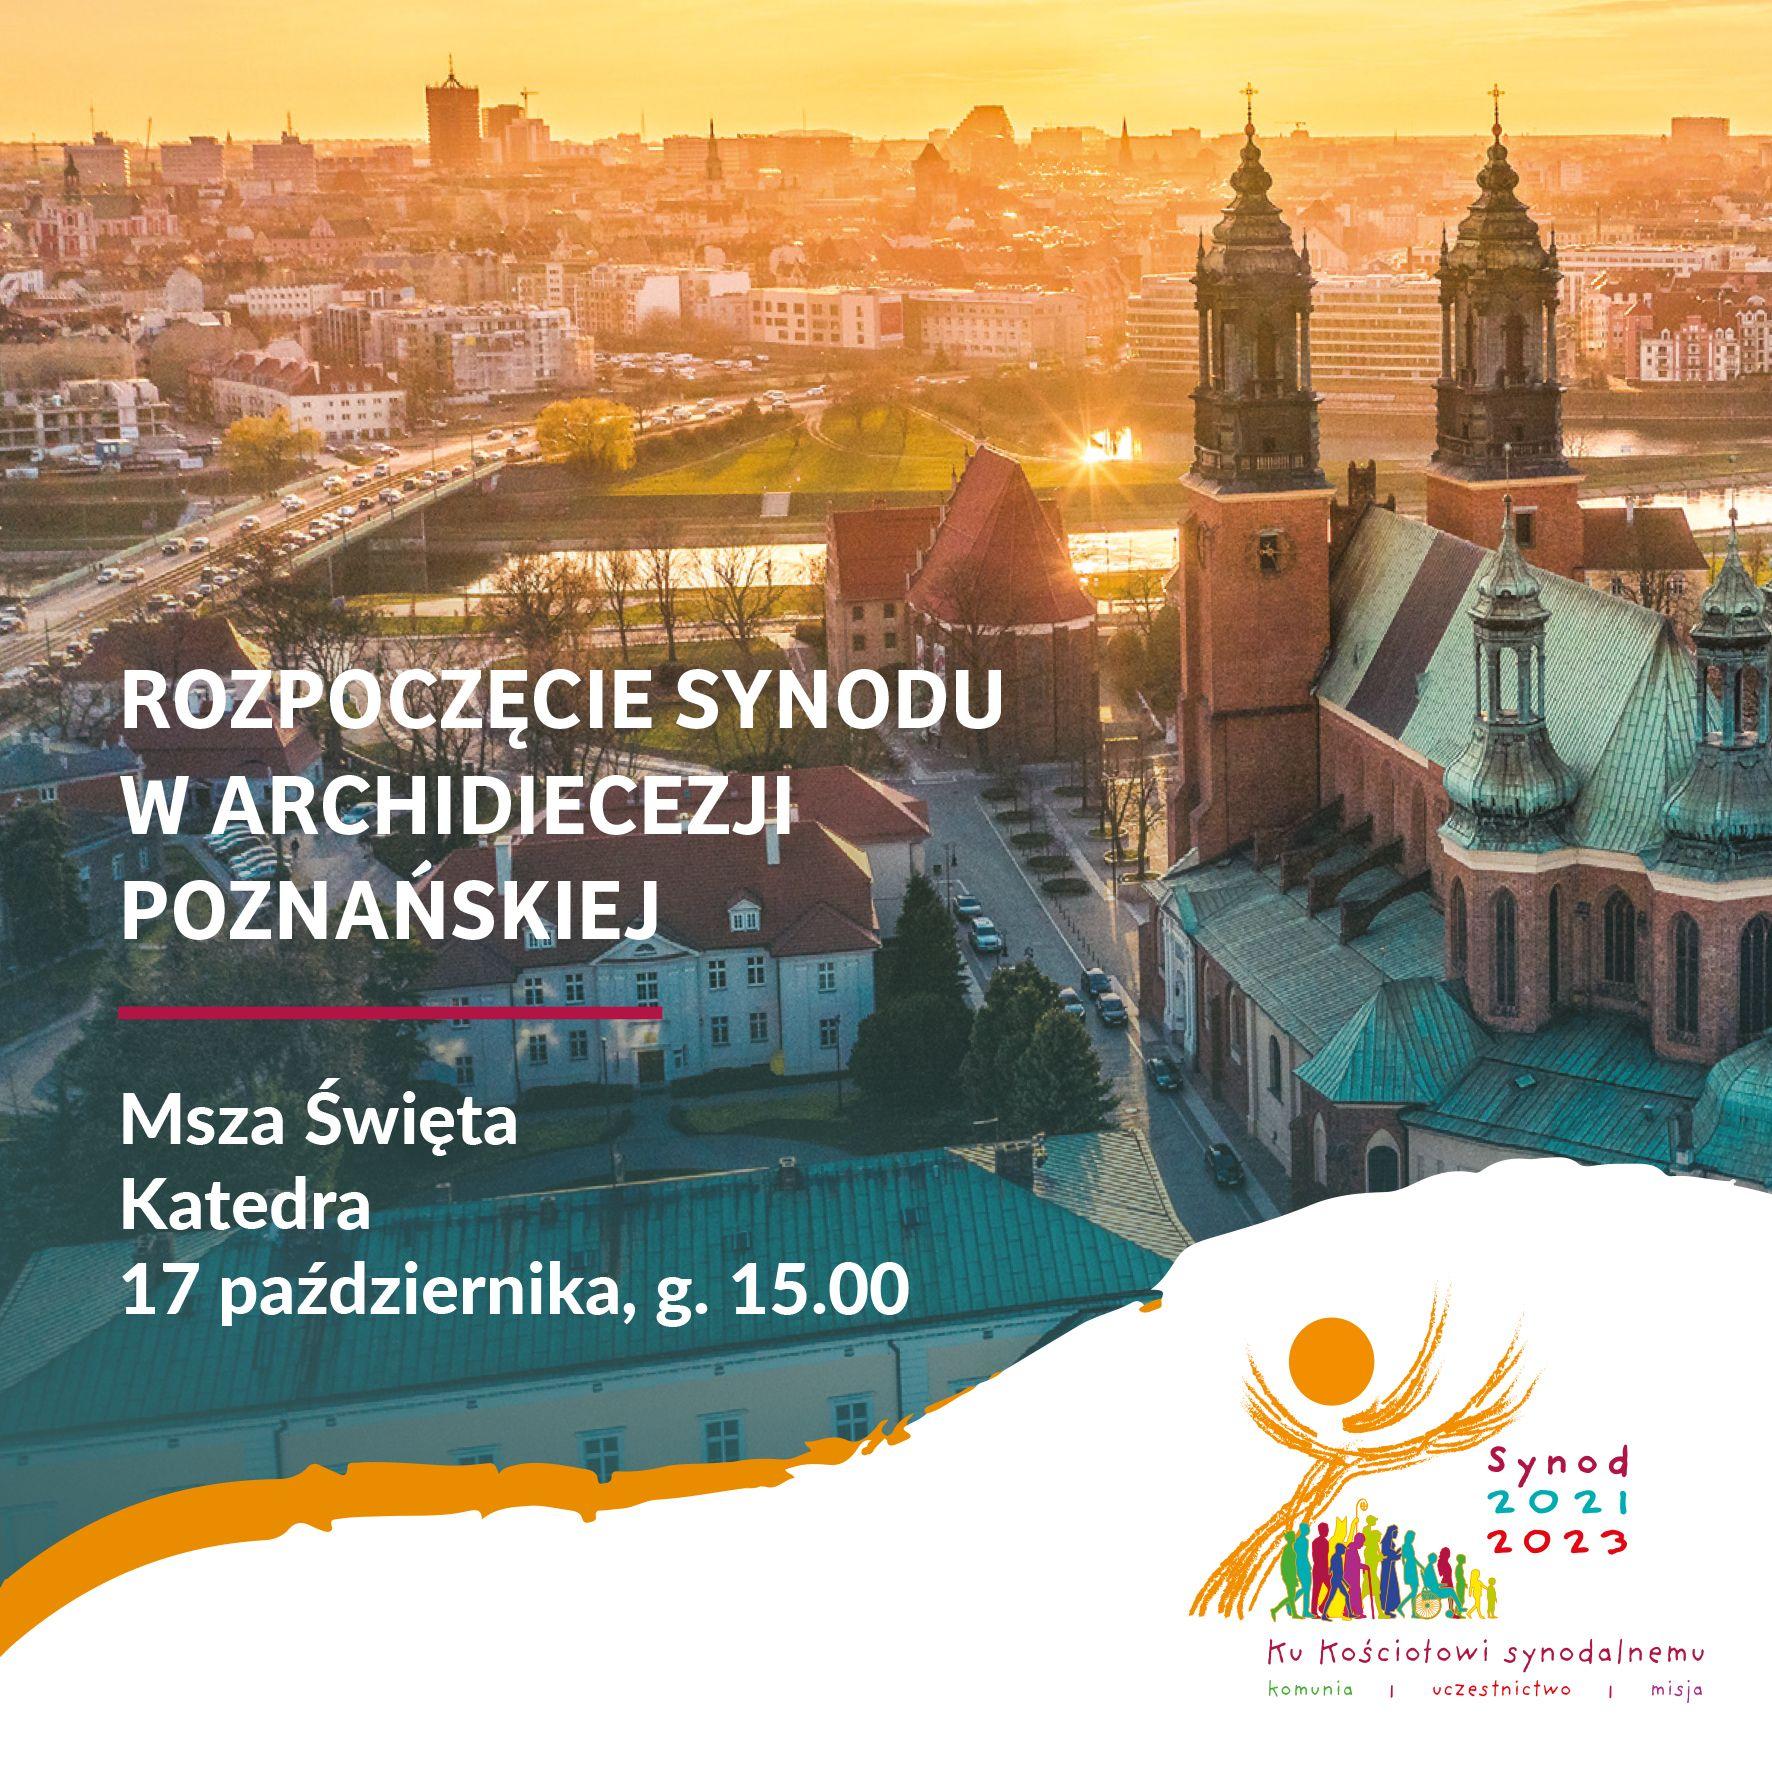 Rozpoczęcie Synodu w Archidiecezji Poznańskiej